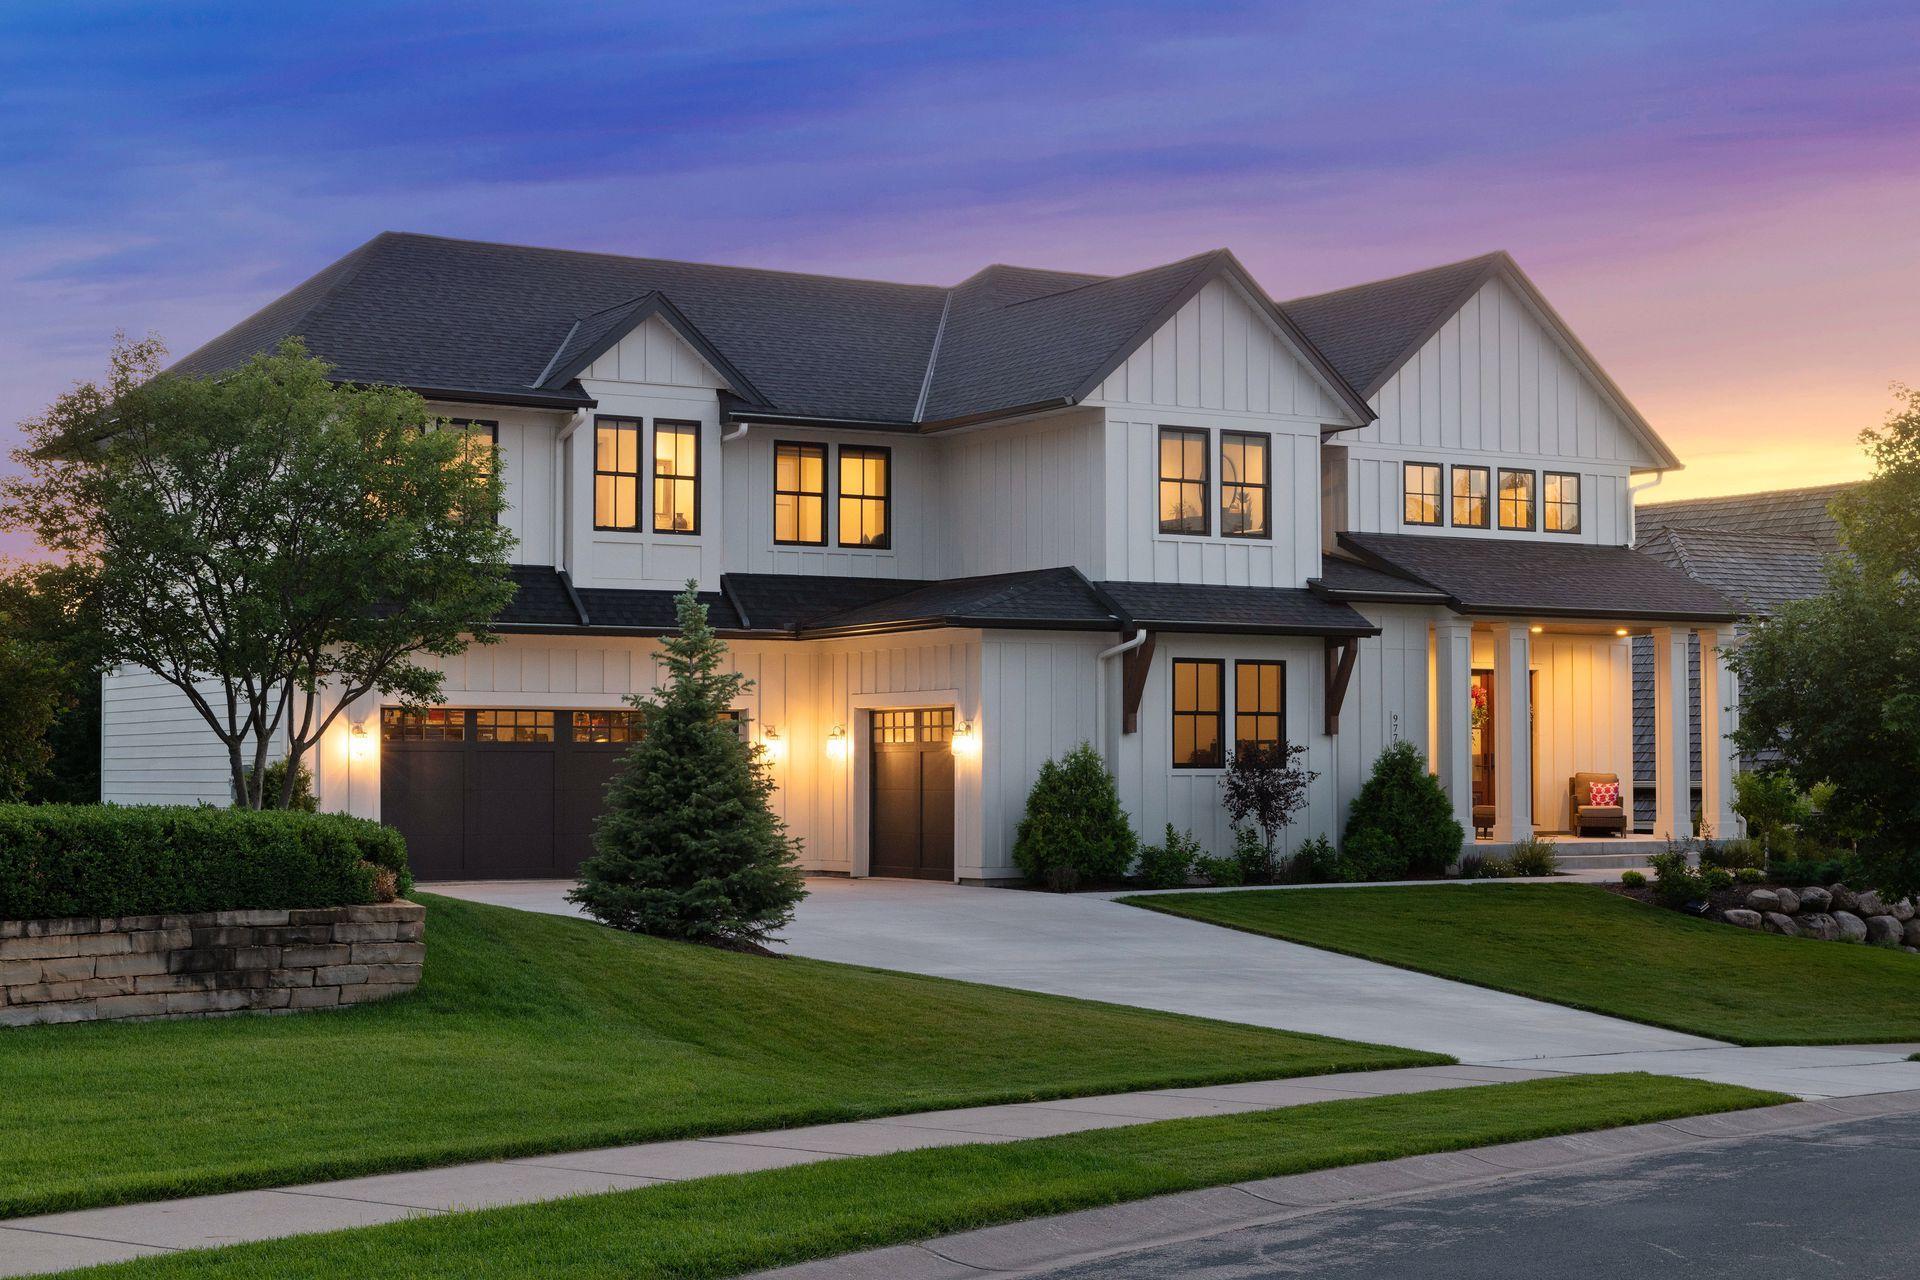 9770 Sky Lane Property Photo - Eden Prairie, MN real estate listing